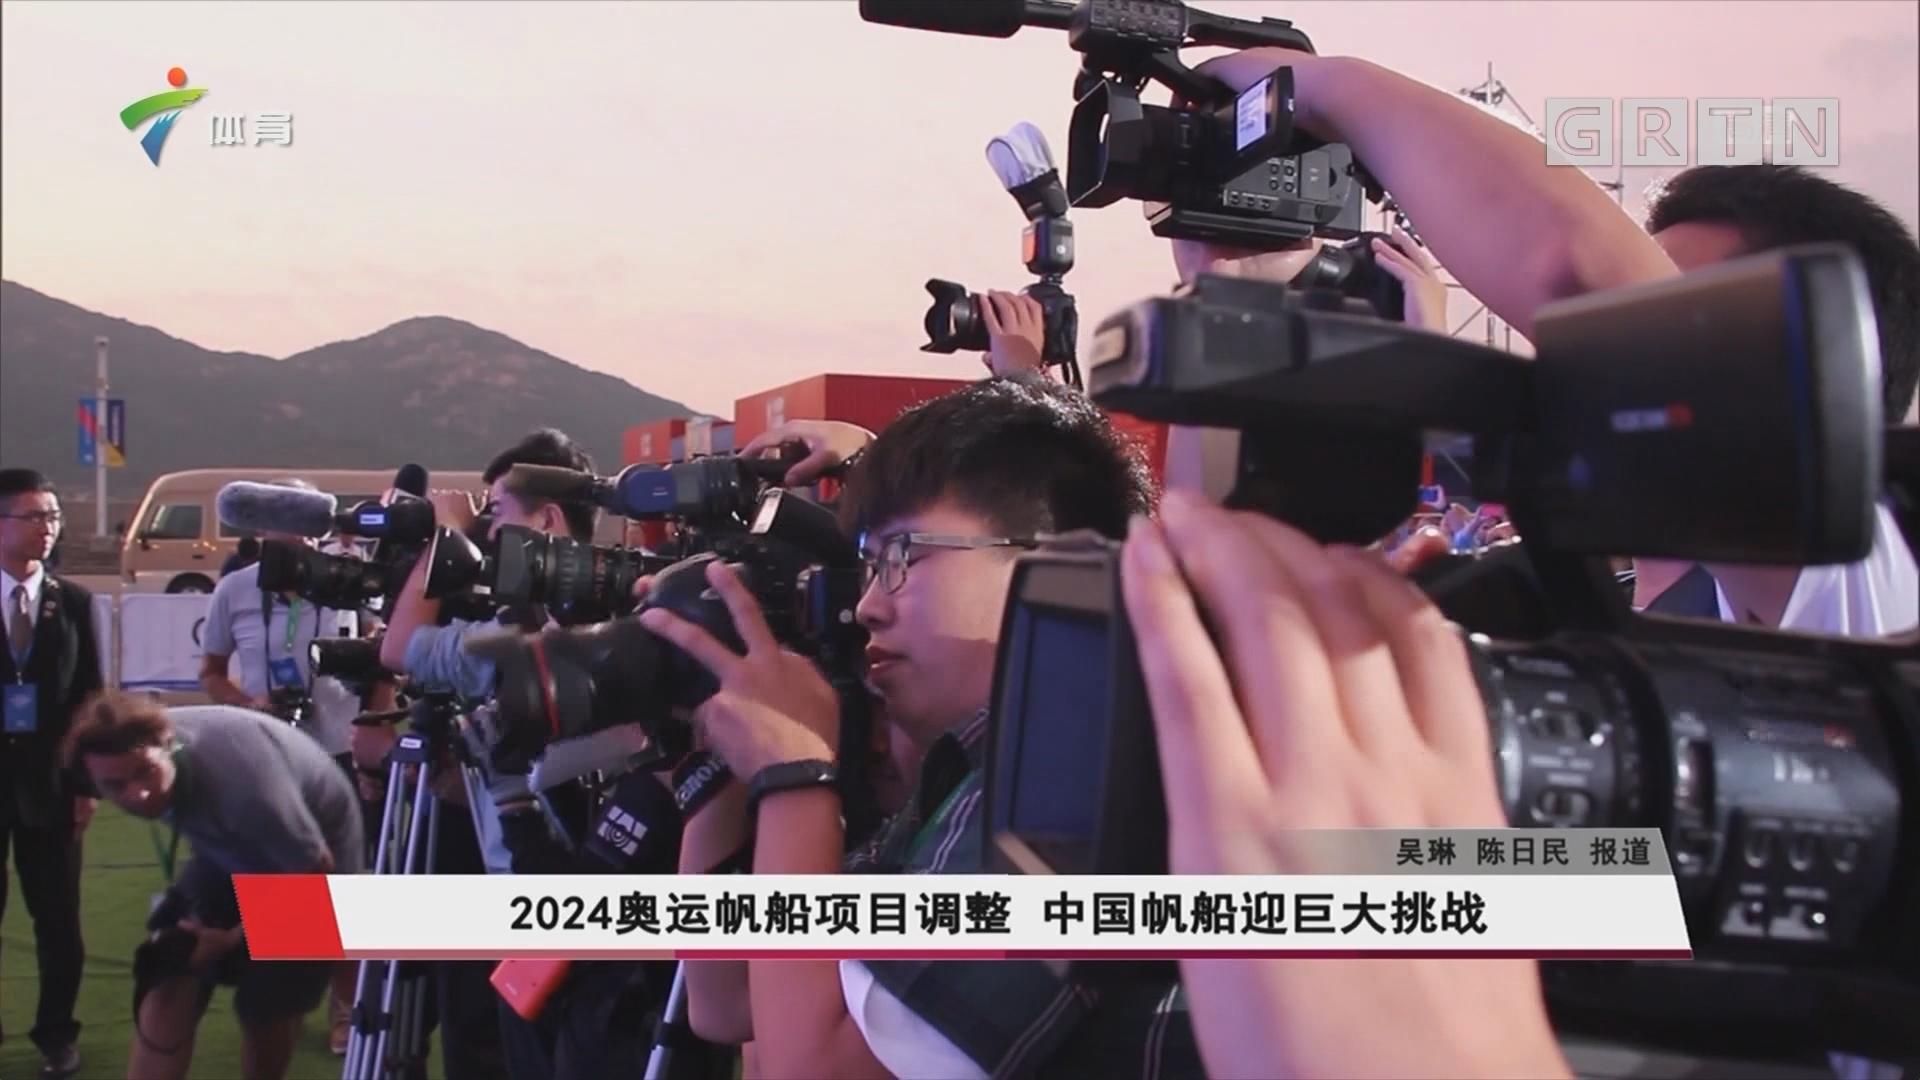 2024奥运帆船项目调整 中国帆船迎巨大挑战